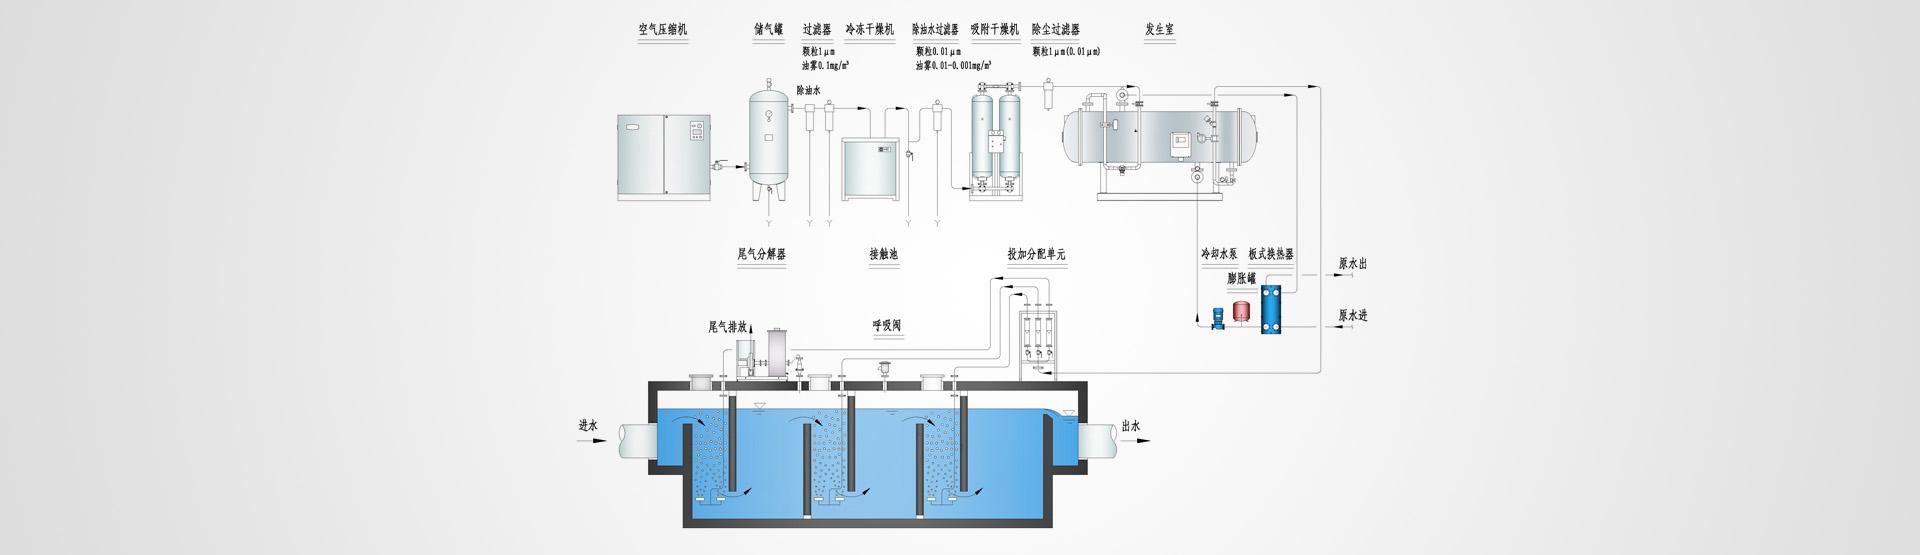 双气隙石英管发生室  lc负载串联补偿 高压变压器  检测现场 电源波形